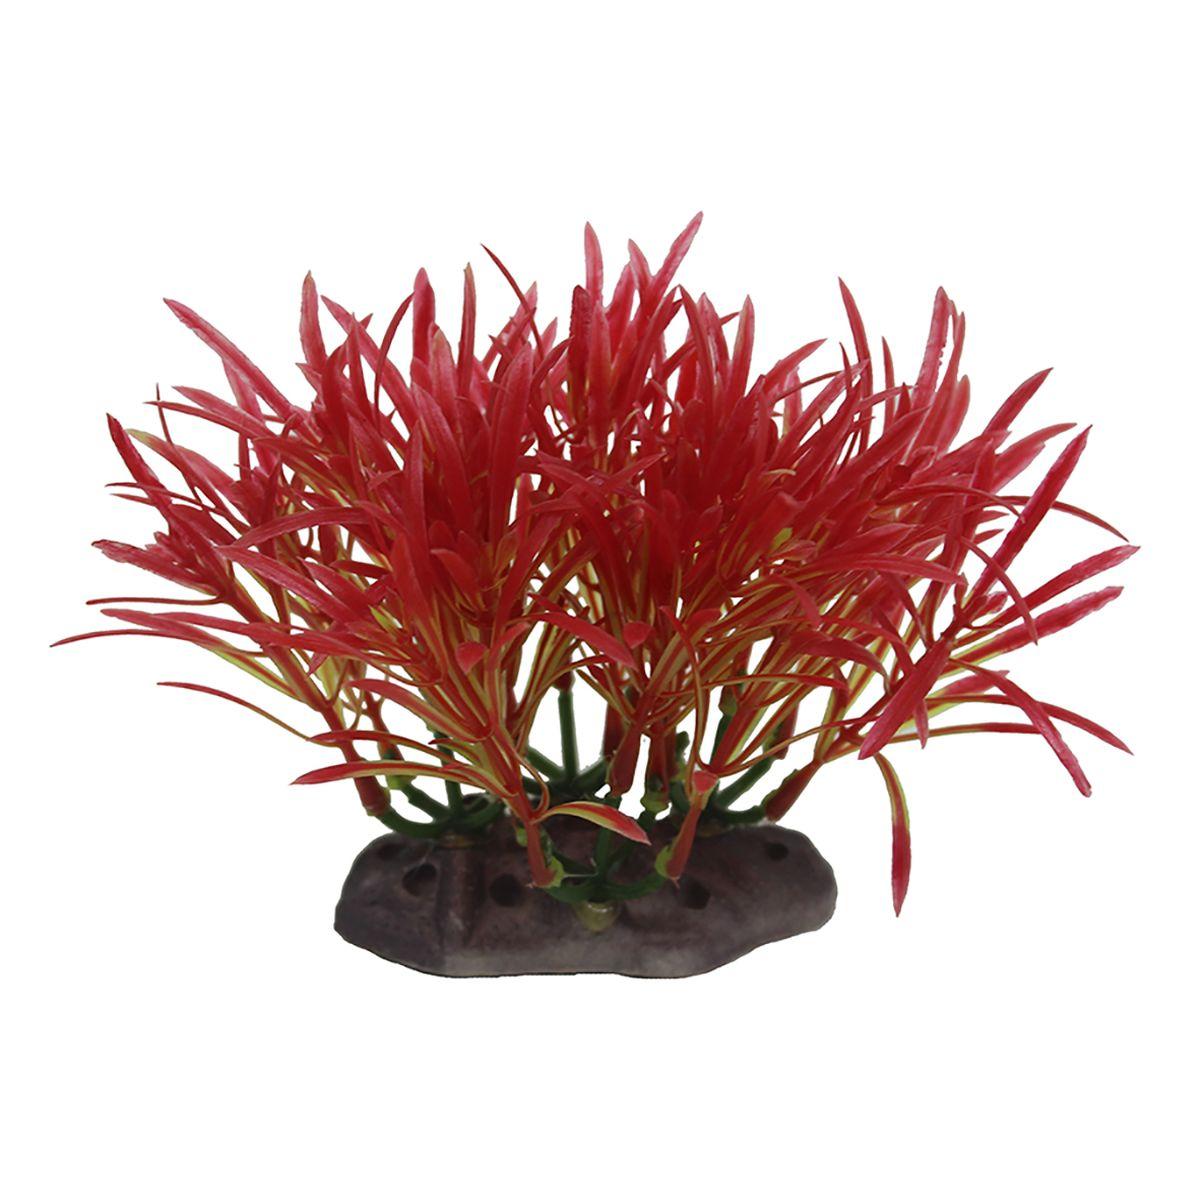 Растение для аквариума ArtUniq Аммания изящная, высота 10-12 см0120710Композиция из искусственных растений ArtUniq превосходно украсит и оживит аквариум.Растения - это важная часть любой композиции, они помогут вдохнуть жизнь в ландшафт любого аквариума или террариума. А их сходствос природными порадует даже самых взыскательных ценителей.